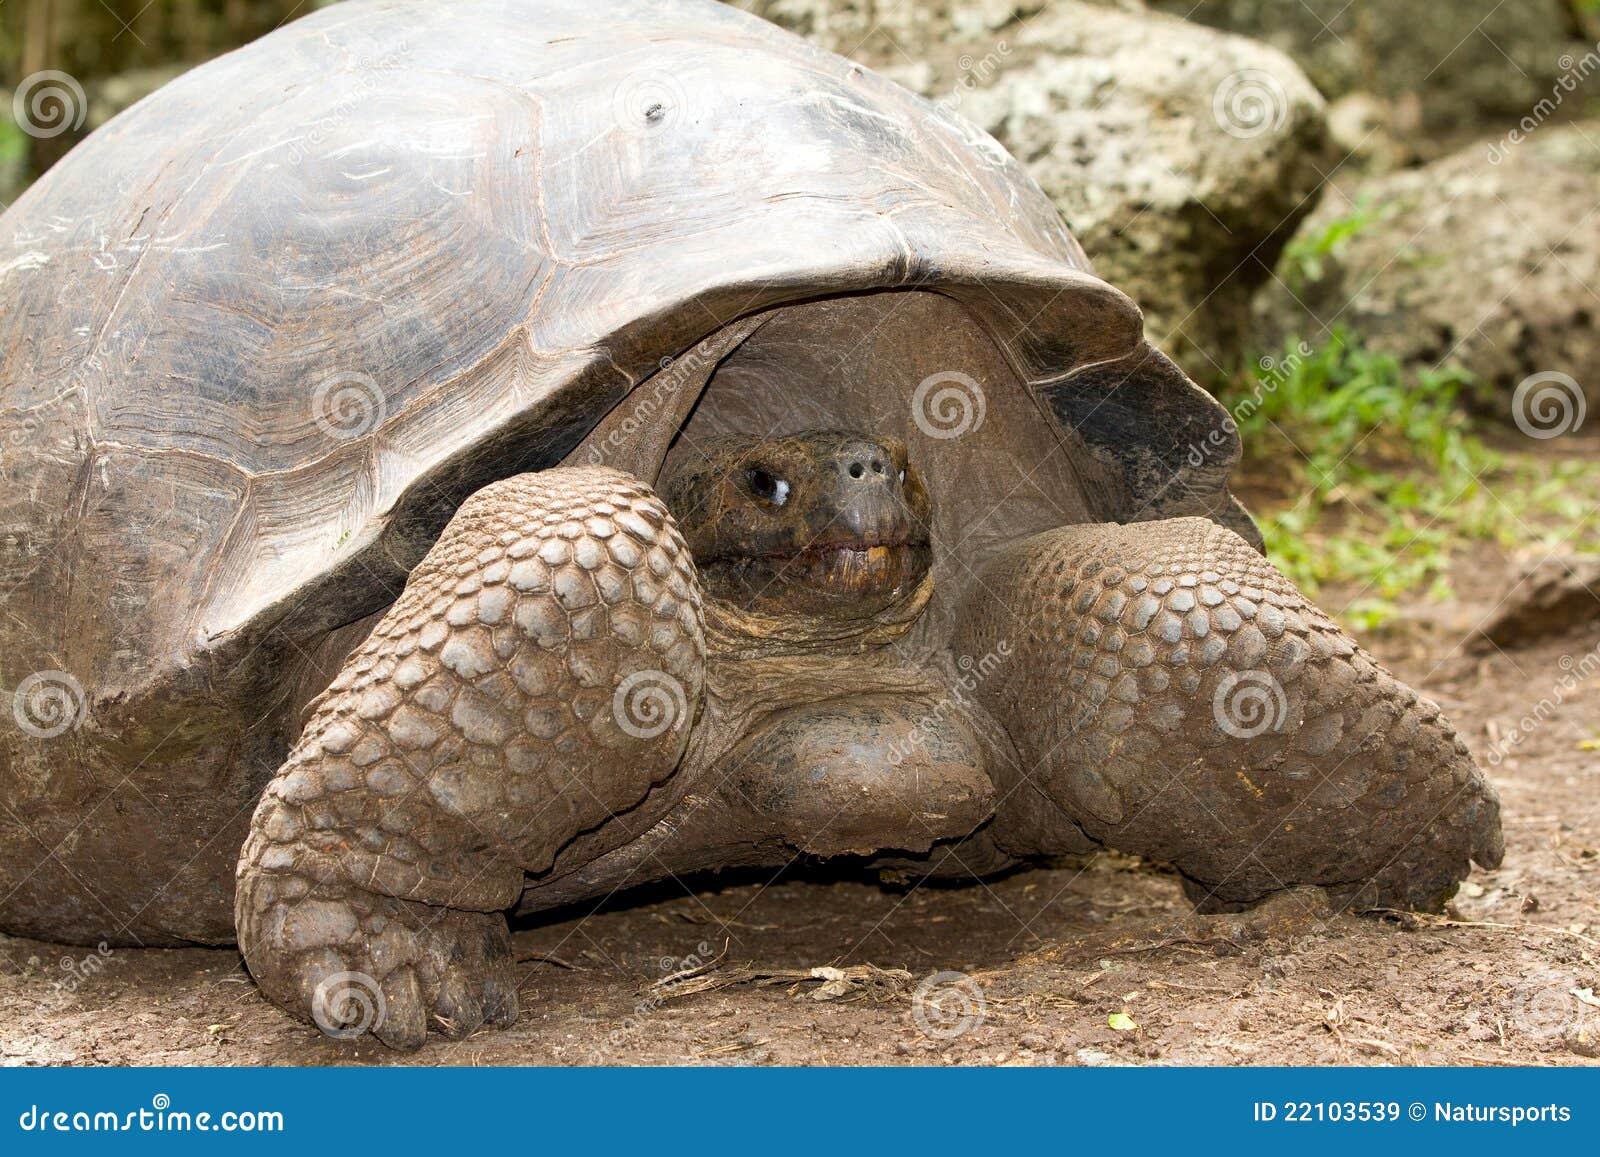 De reuzeschildpad van de Galapagos